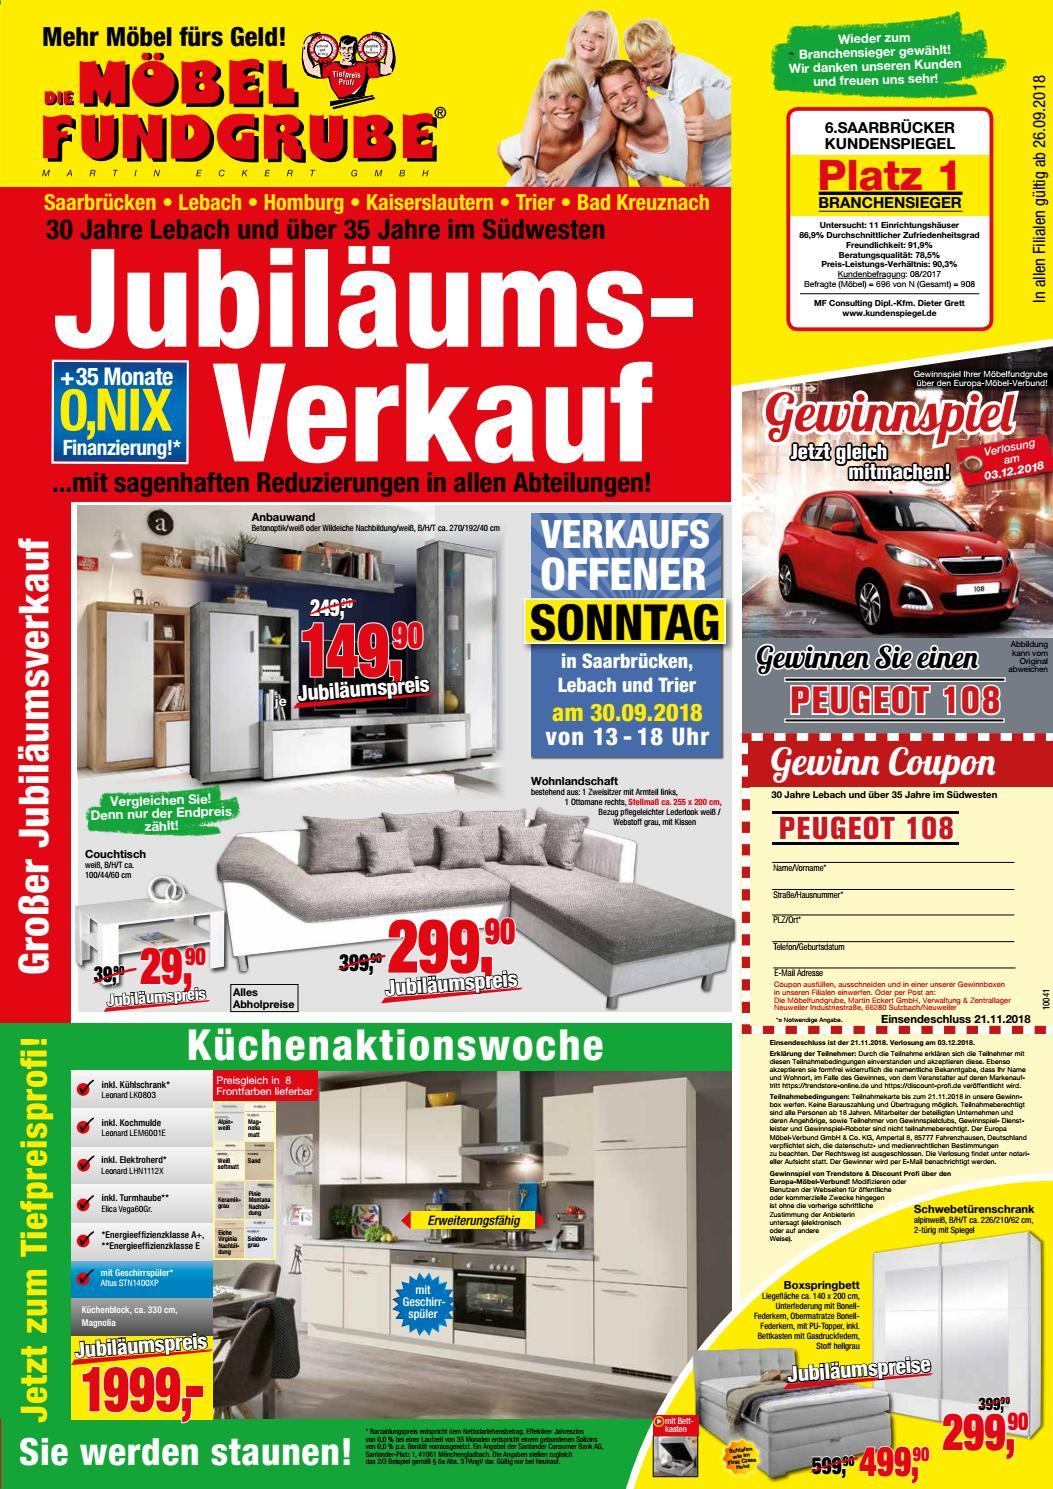 Küche Kranzleiste Buche Möbel Fundgrube Prospekt Kw 39 By Die